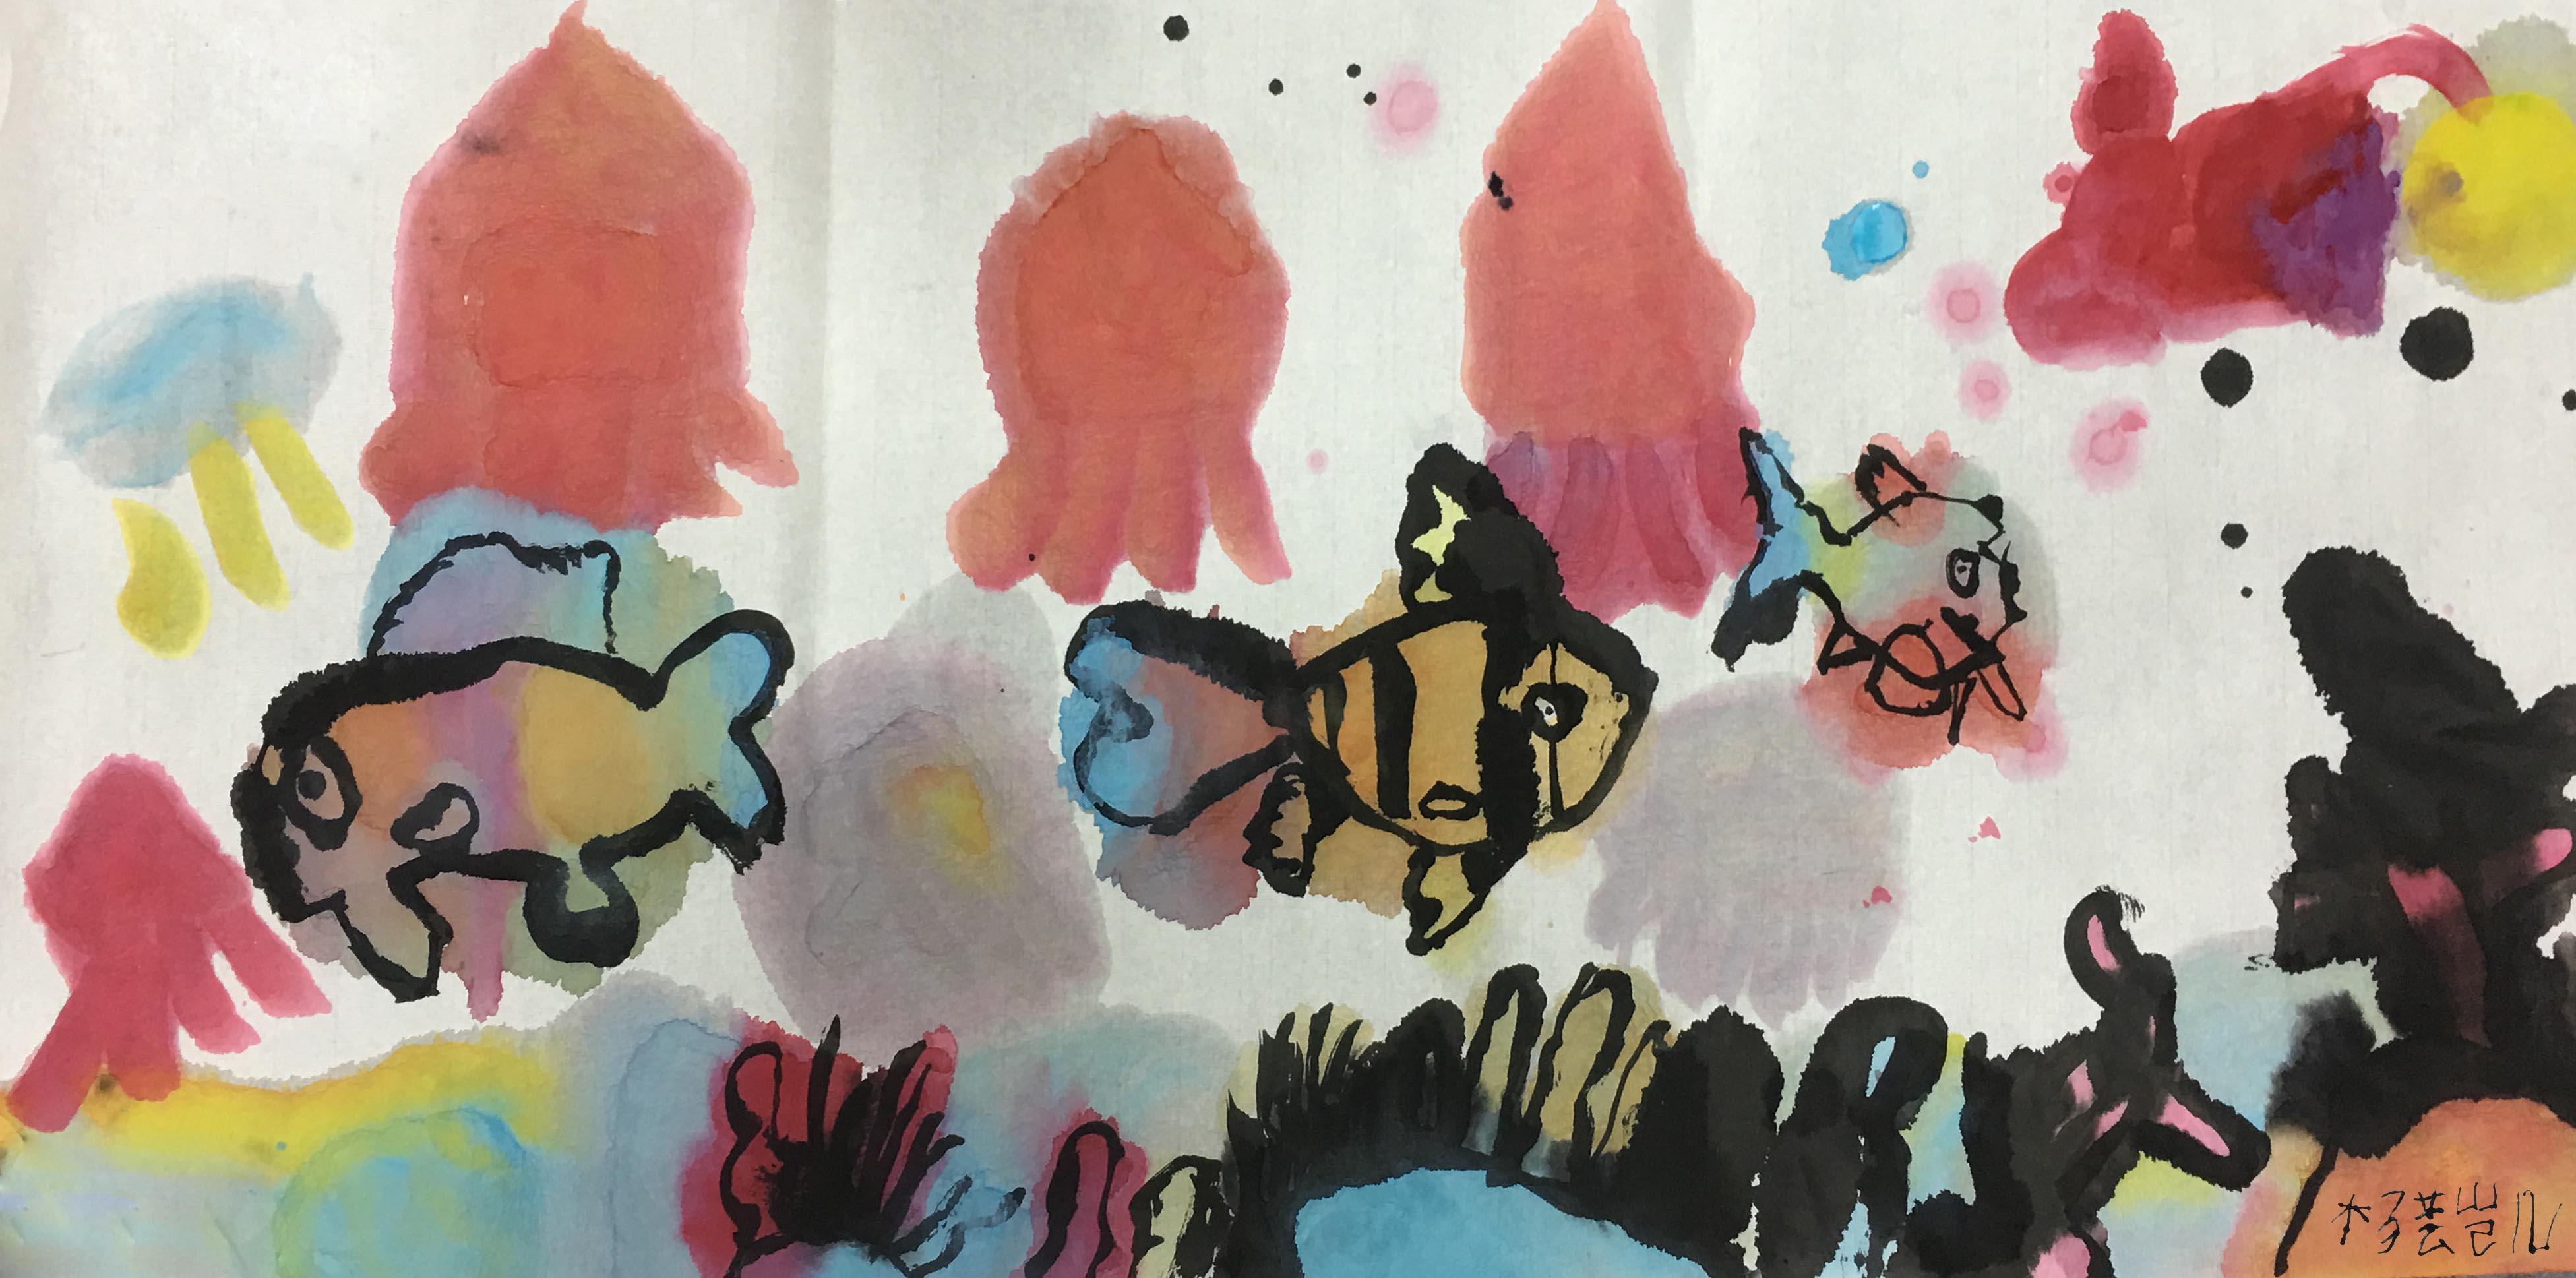 儿童画-海底世界(国画)-杨芸凯-国际青少年艺术家